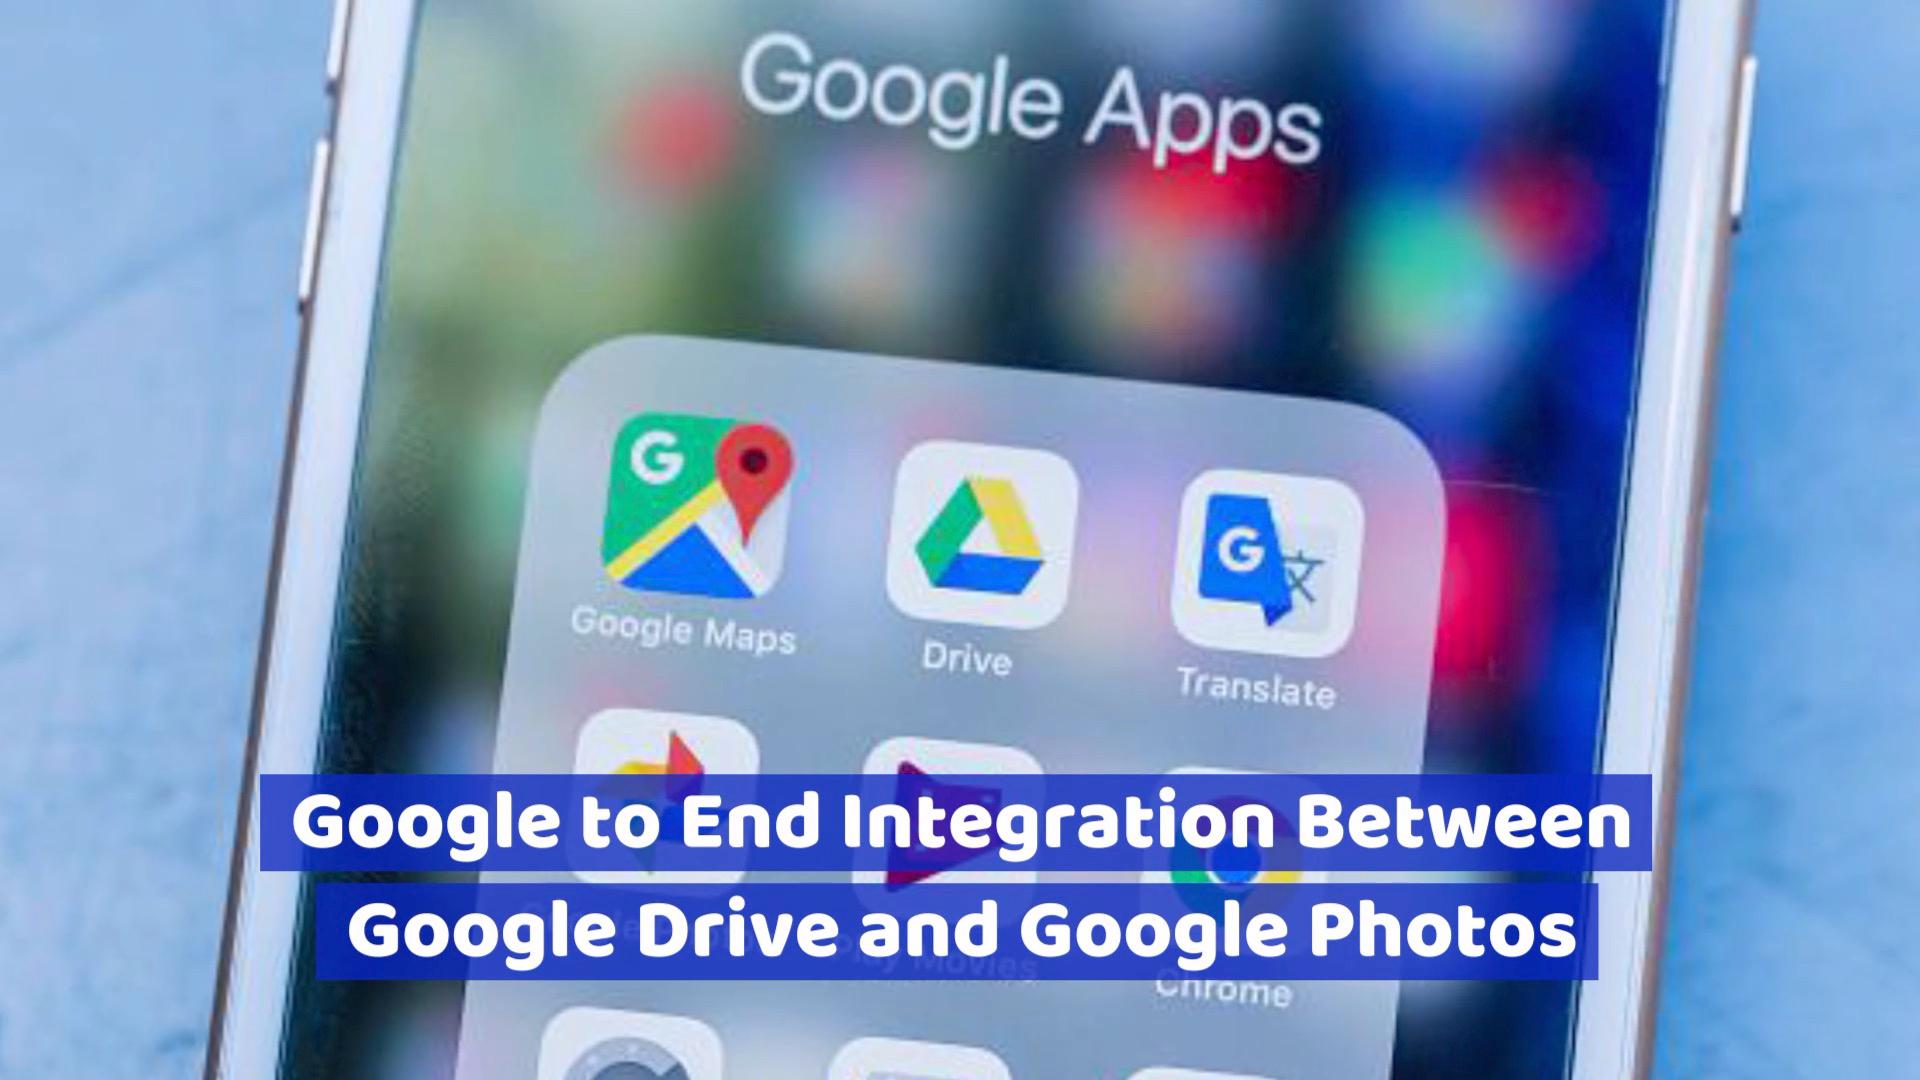 Google Makes Integration Changes